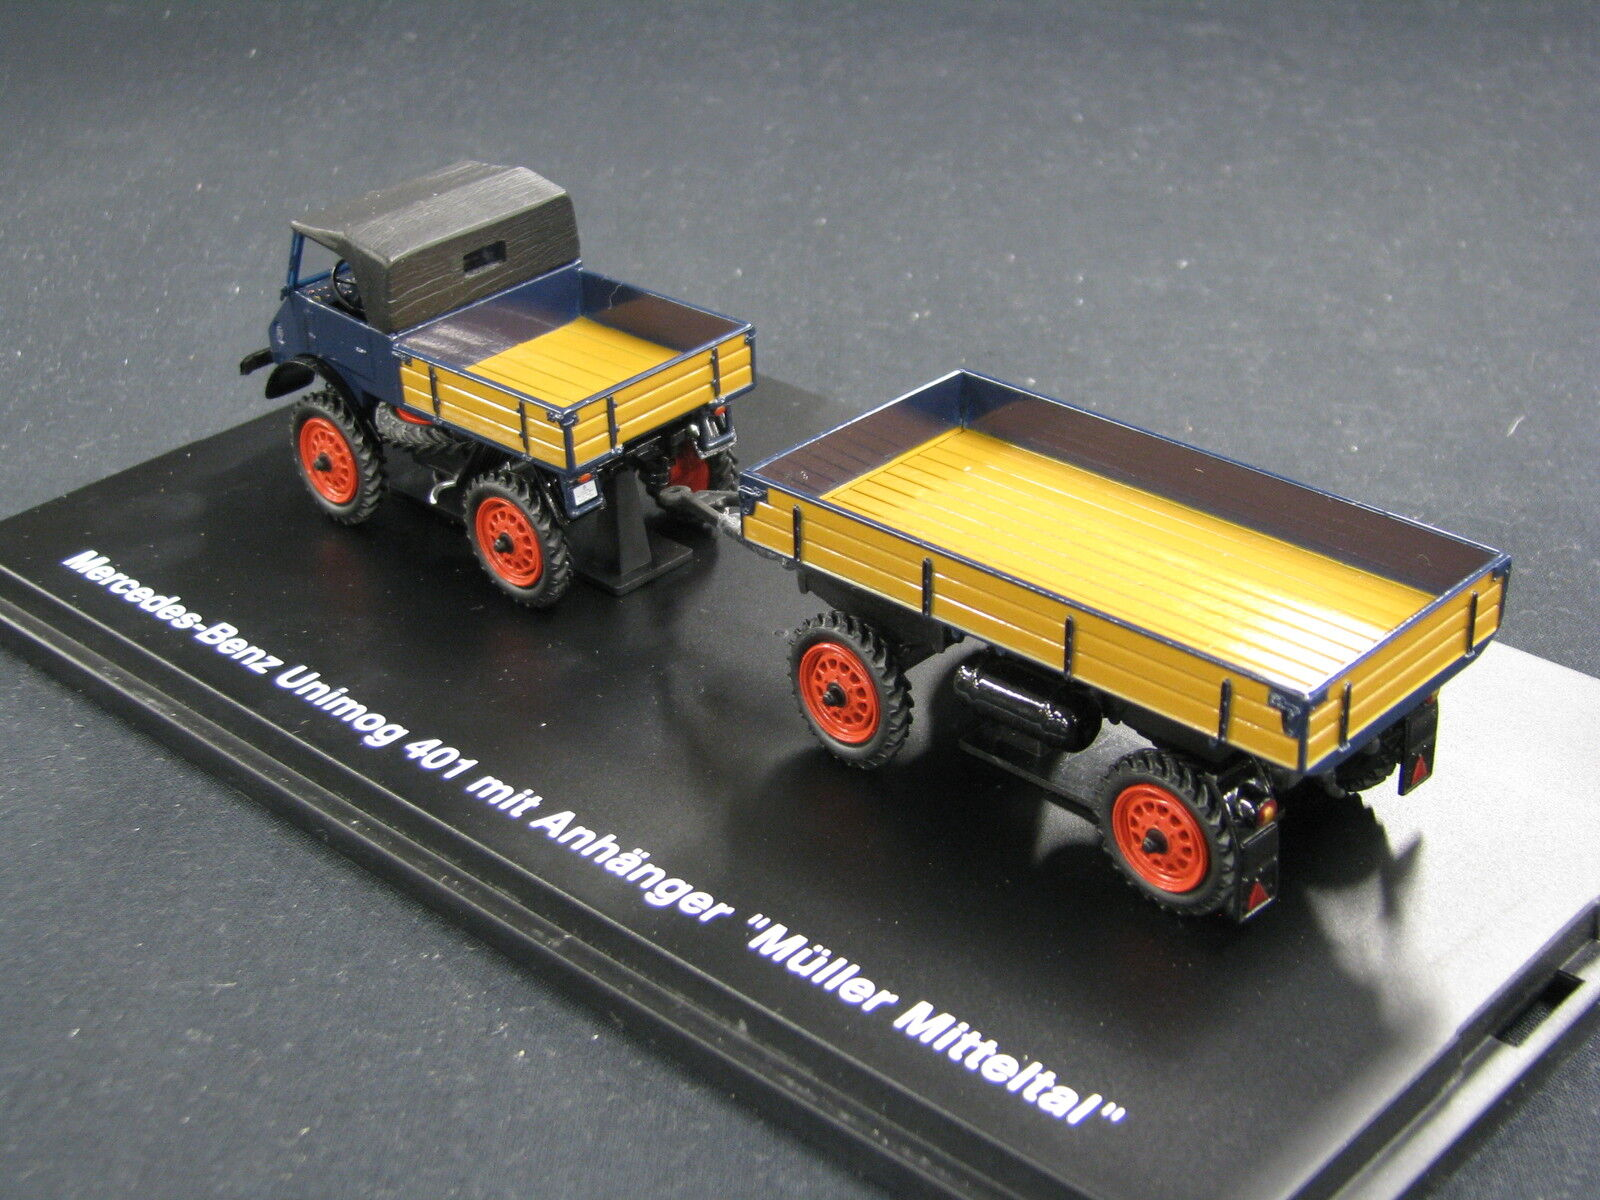 Remorque unimog 411 - Page 4 Schuco-Mercedes-Benz-Unimog-401-mit-Anhanger-Muller-Mitteltal-_57